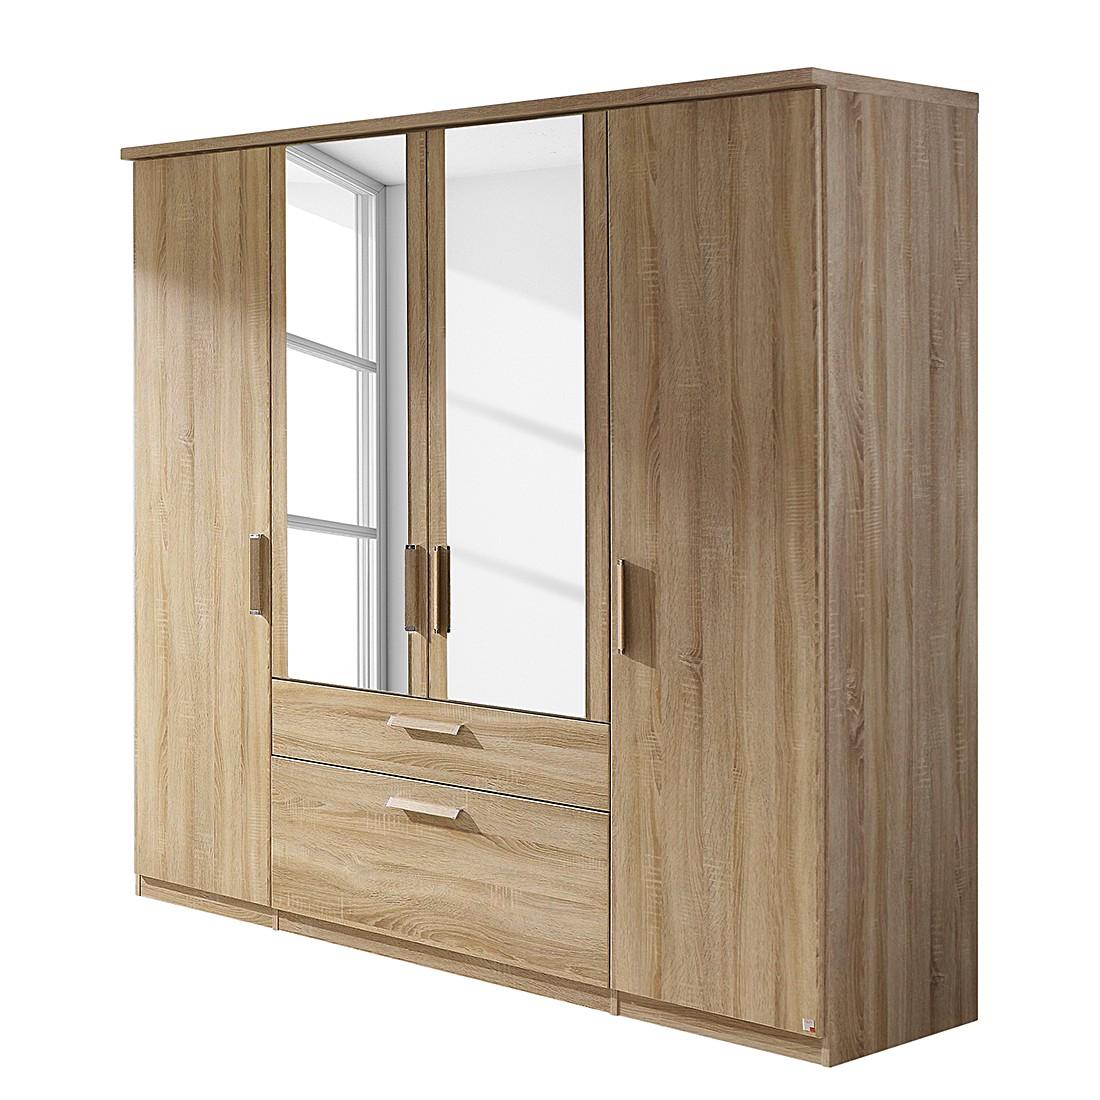 goedkoop Draaideurkast Evelyn II Sonoma eikenhouten look Zonder verlichting 300cm 6 deurs 197cm Met kroonlijst Rauch Dialog